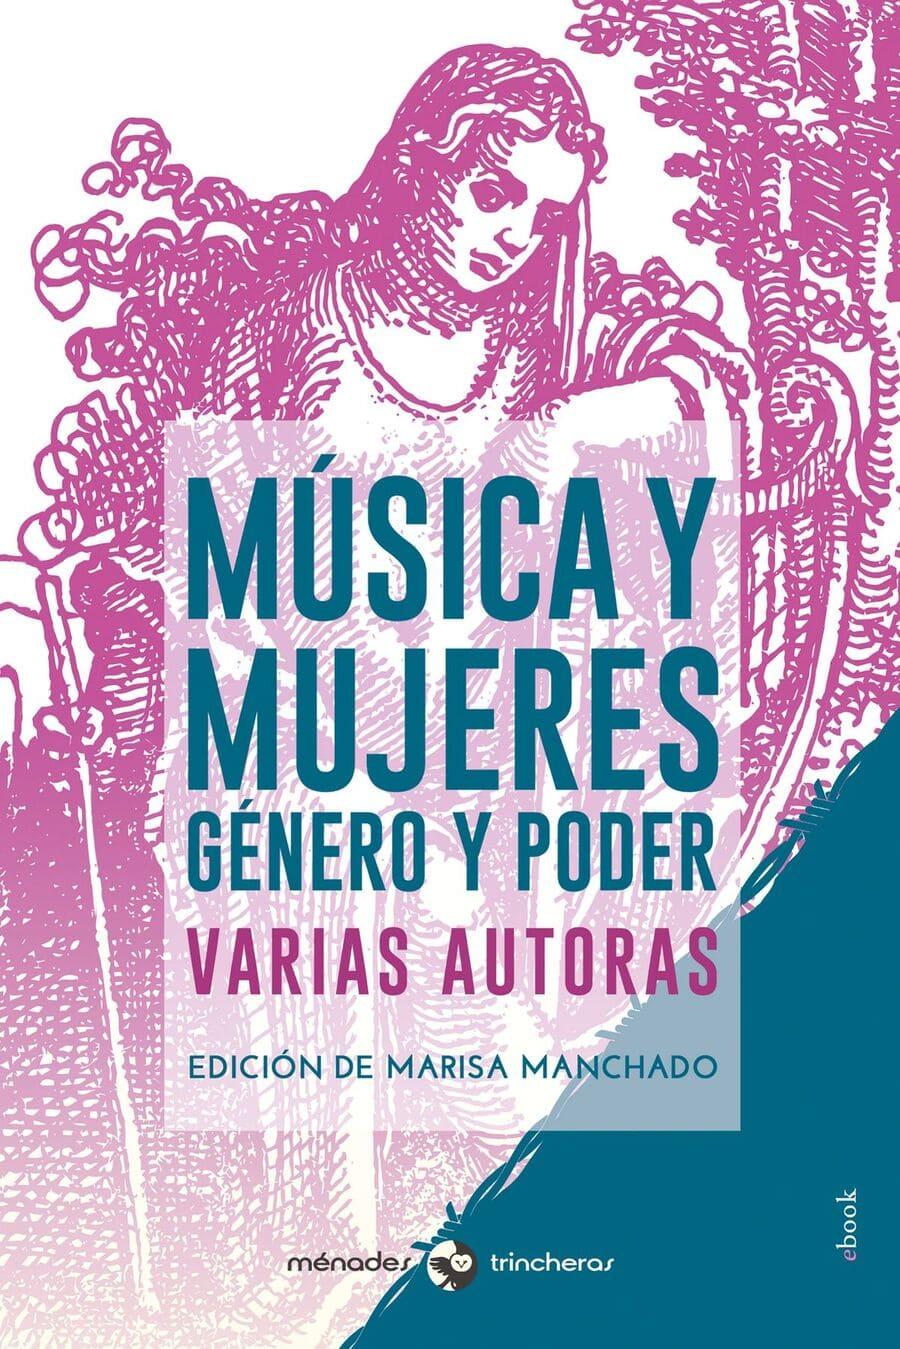 Música y mujeres. Género y poder.